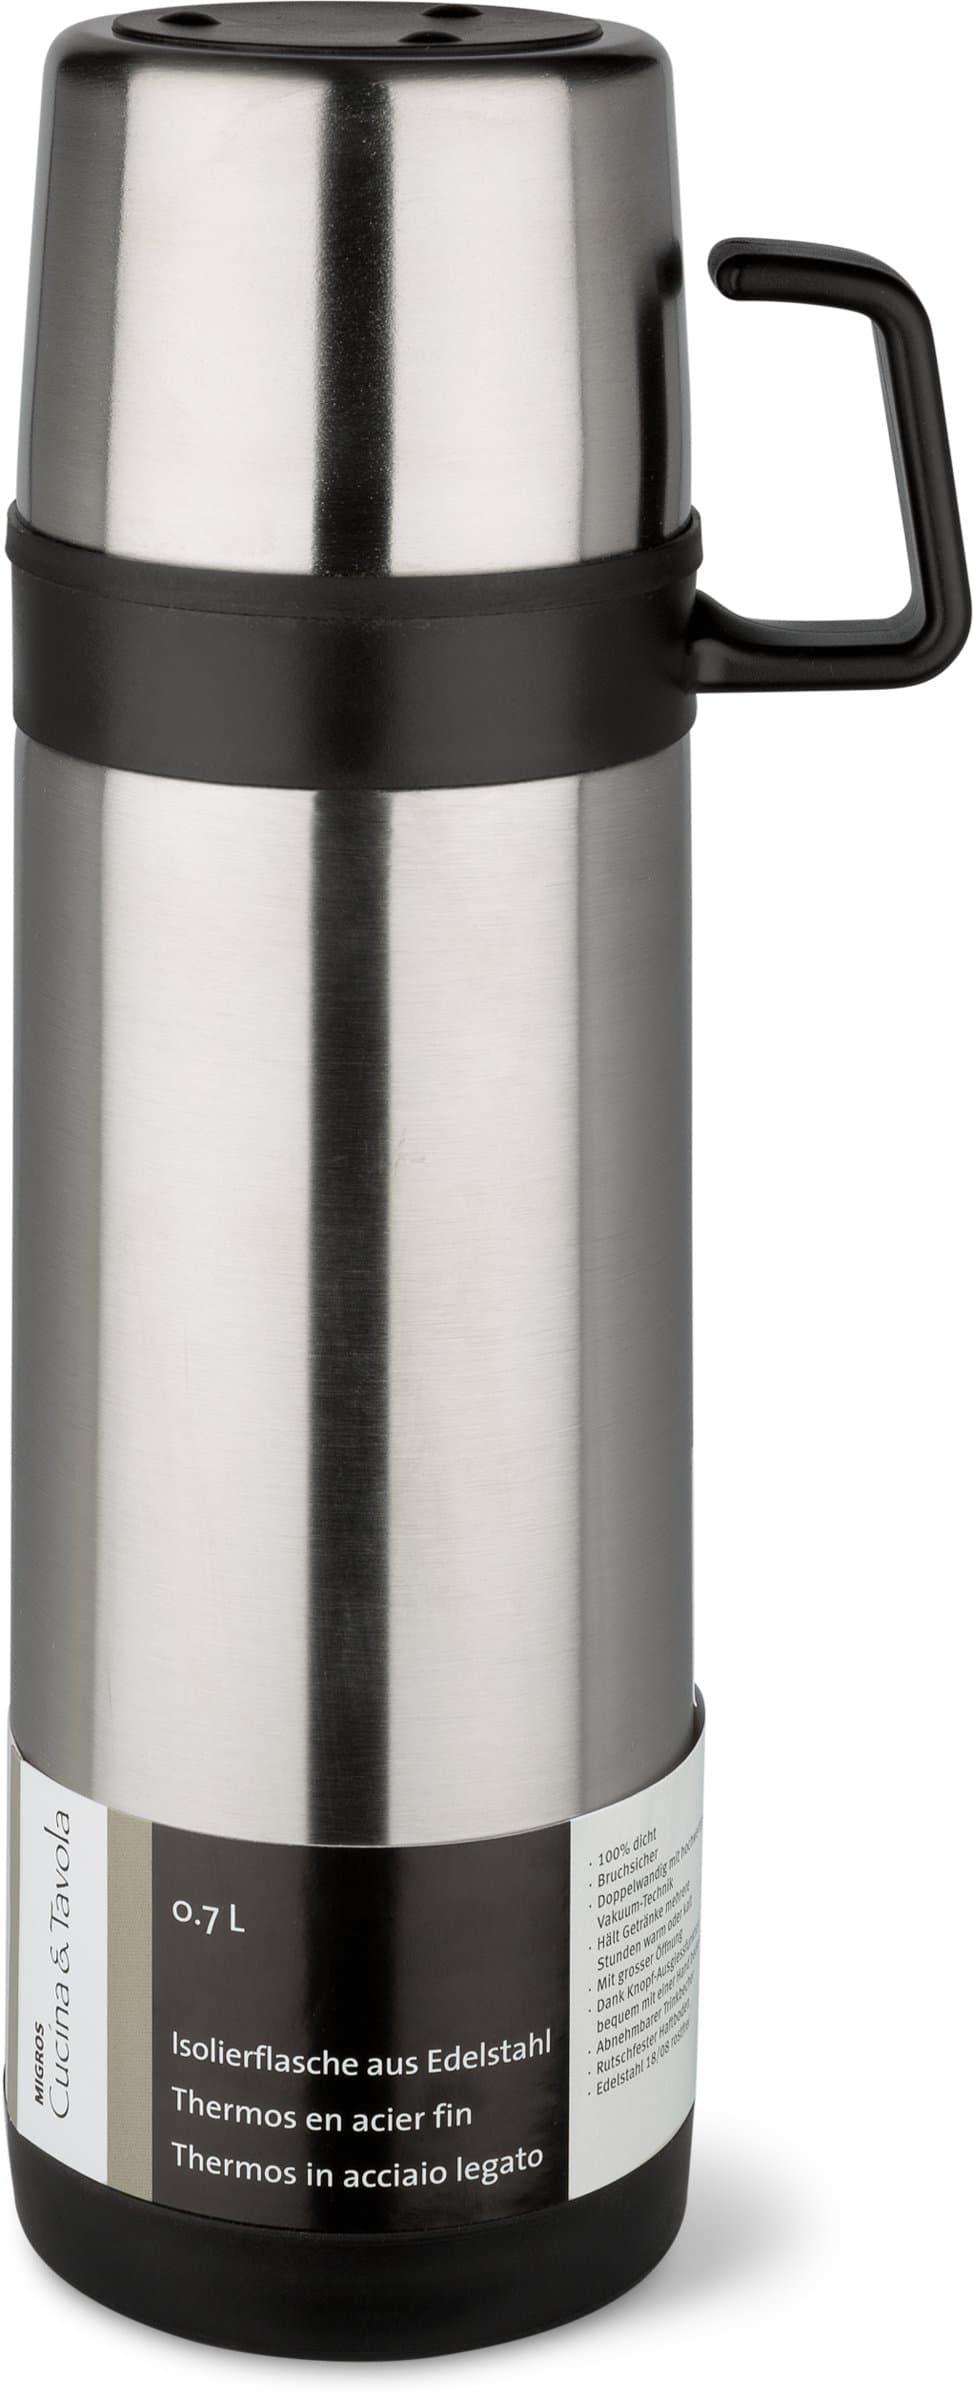 Cucina & Tavola Isolierflasche